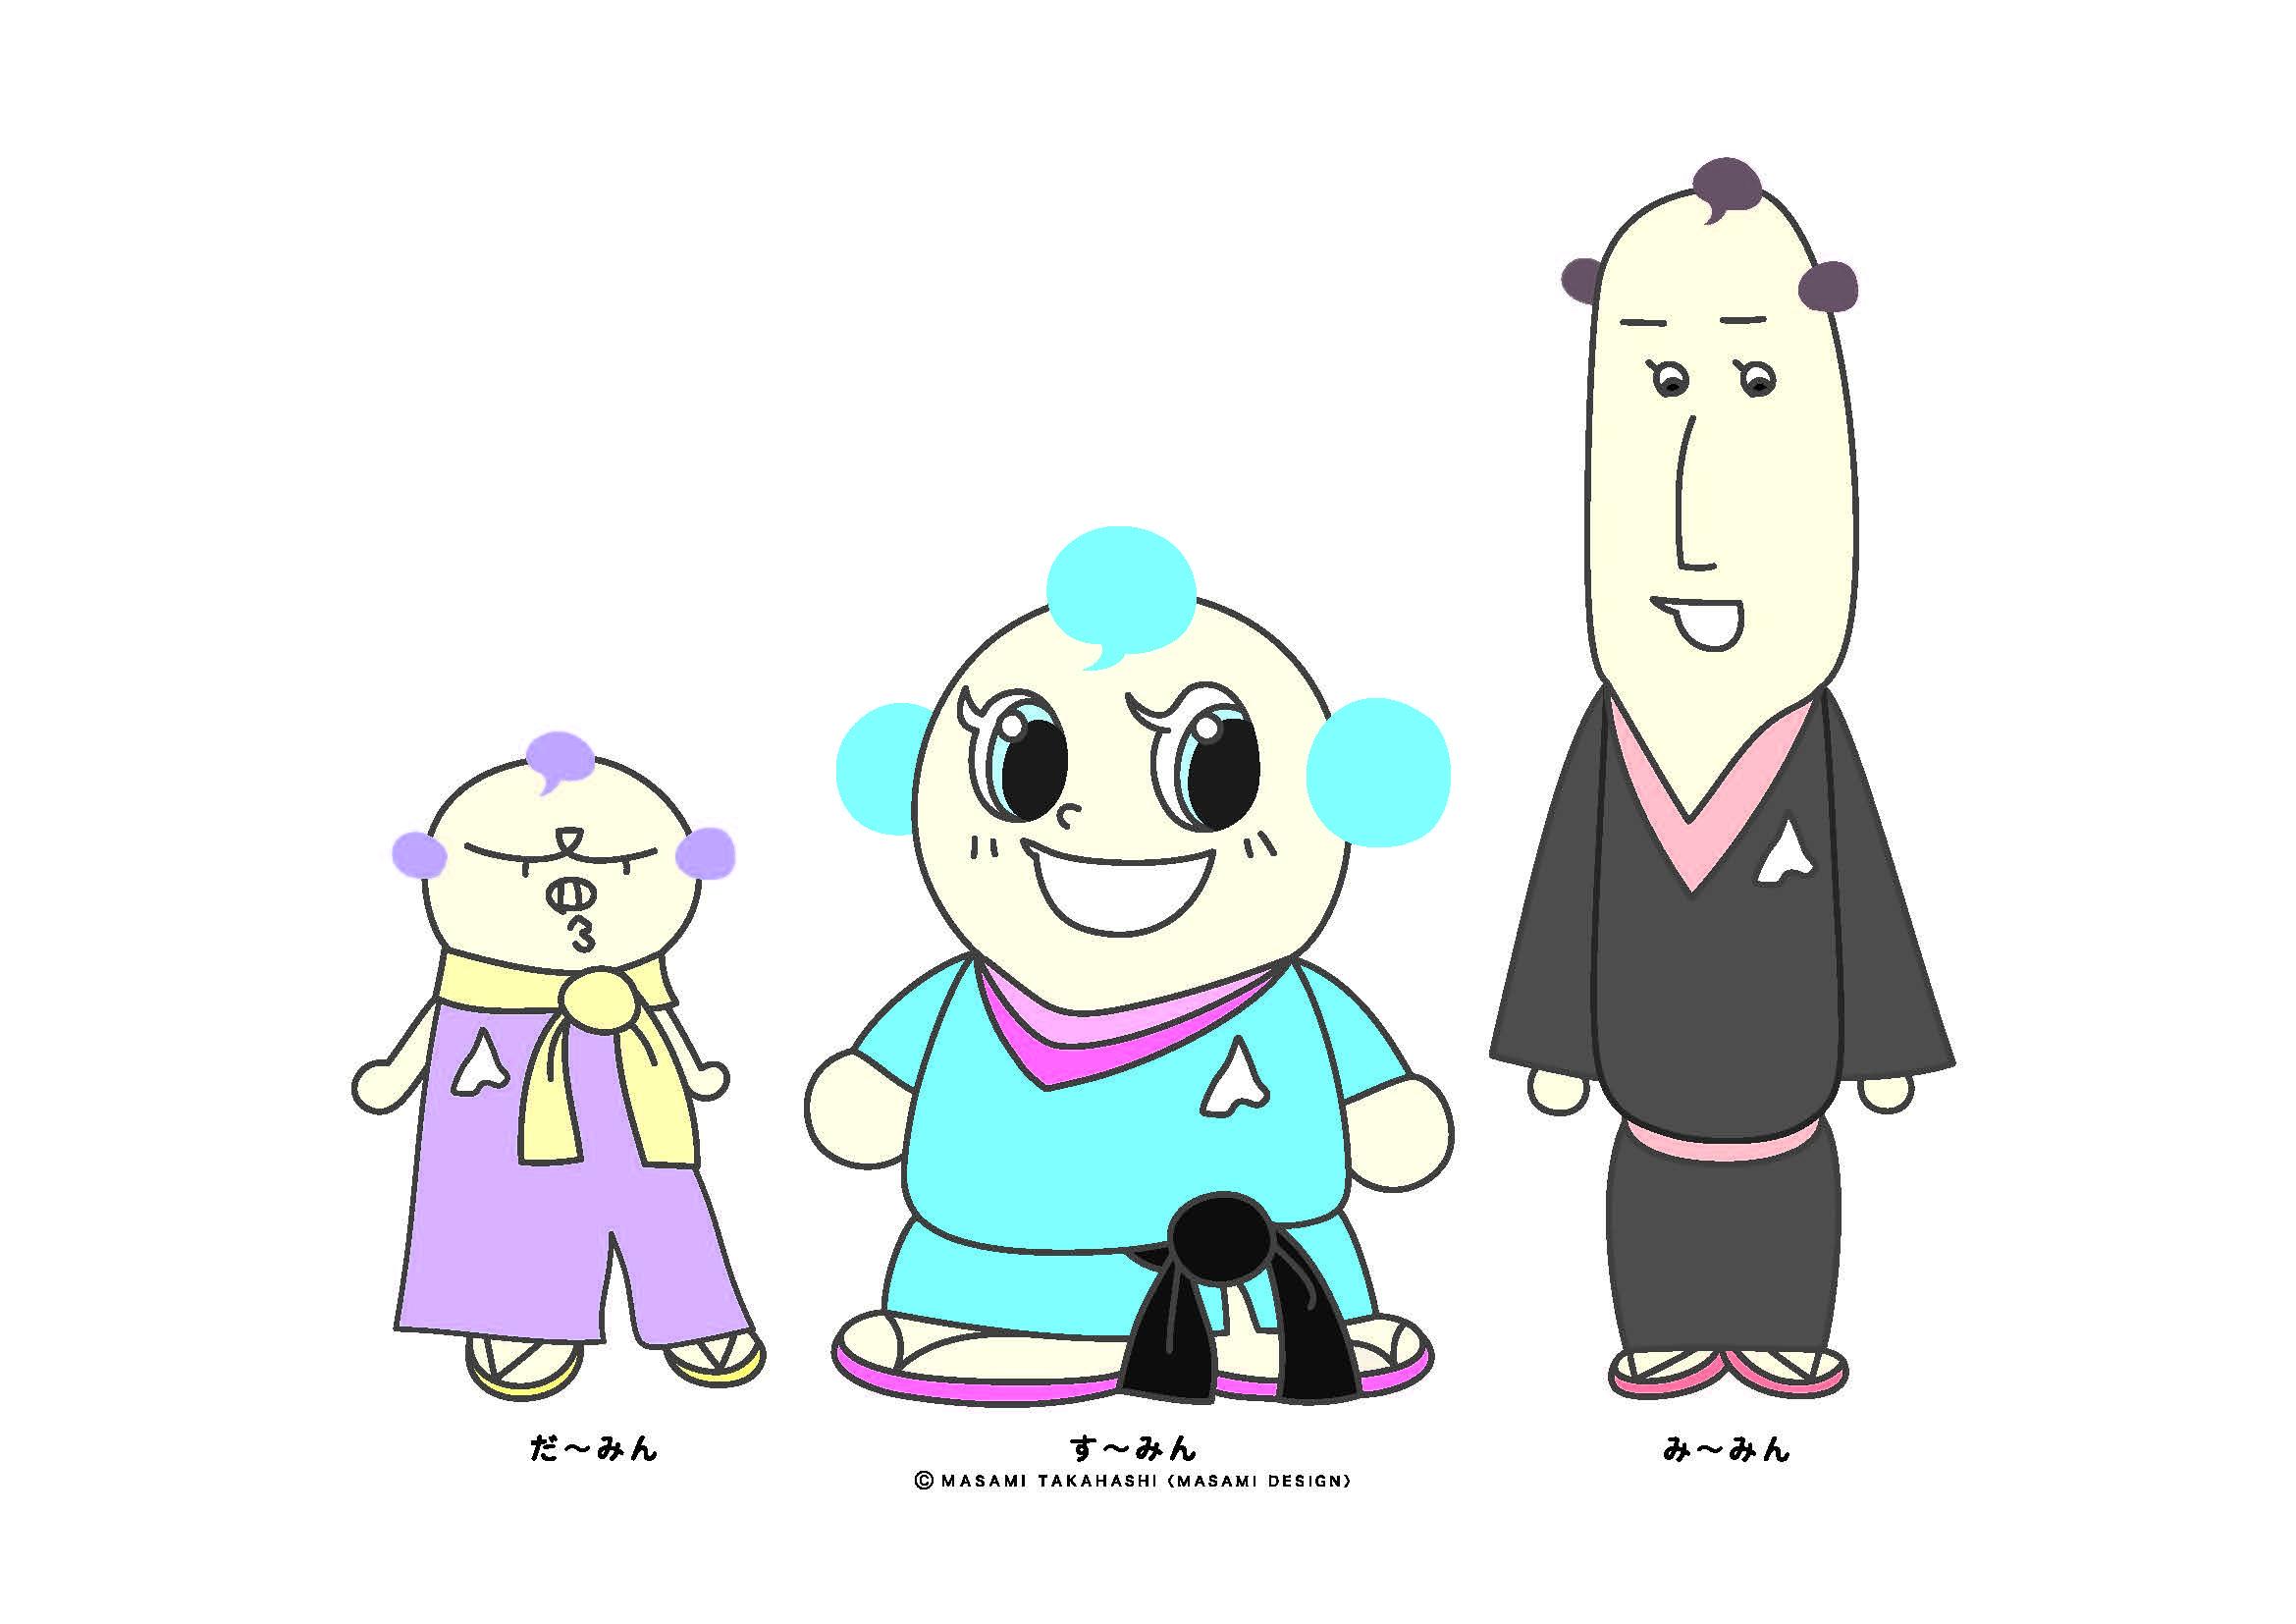 元祖地域キャラクター「す〜みん・み〜みん・だ〜みん」(墨田区キャラクター)ストーリー・デザイン/2004年 |